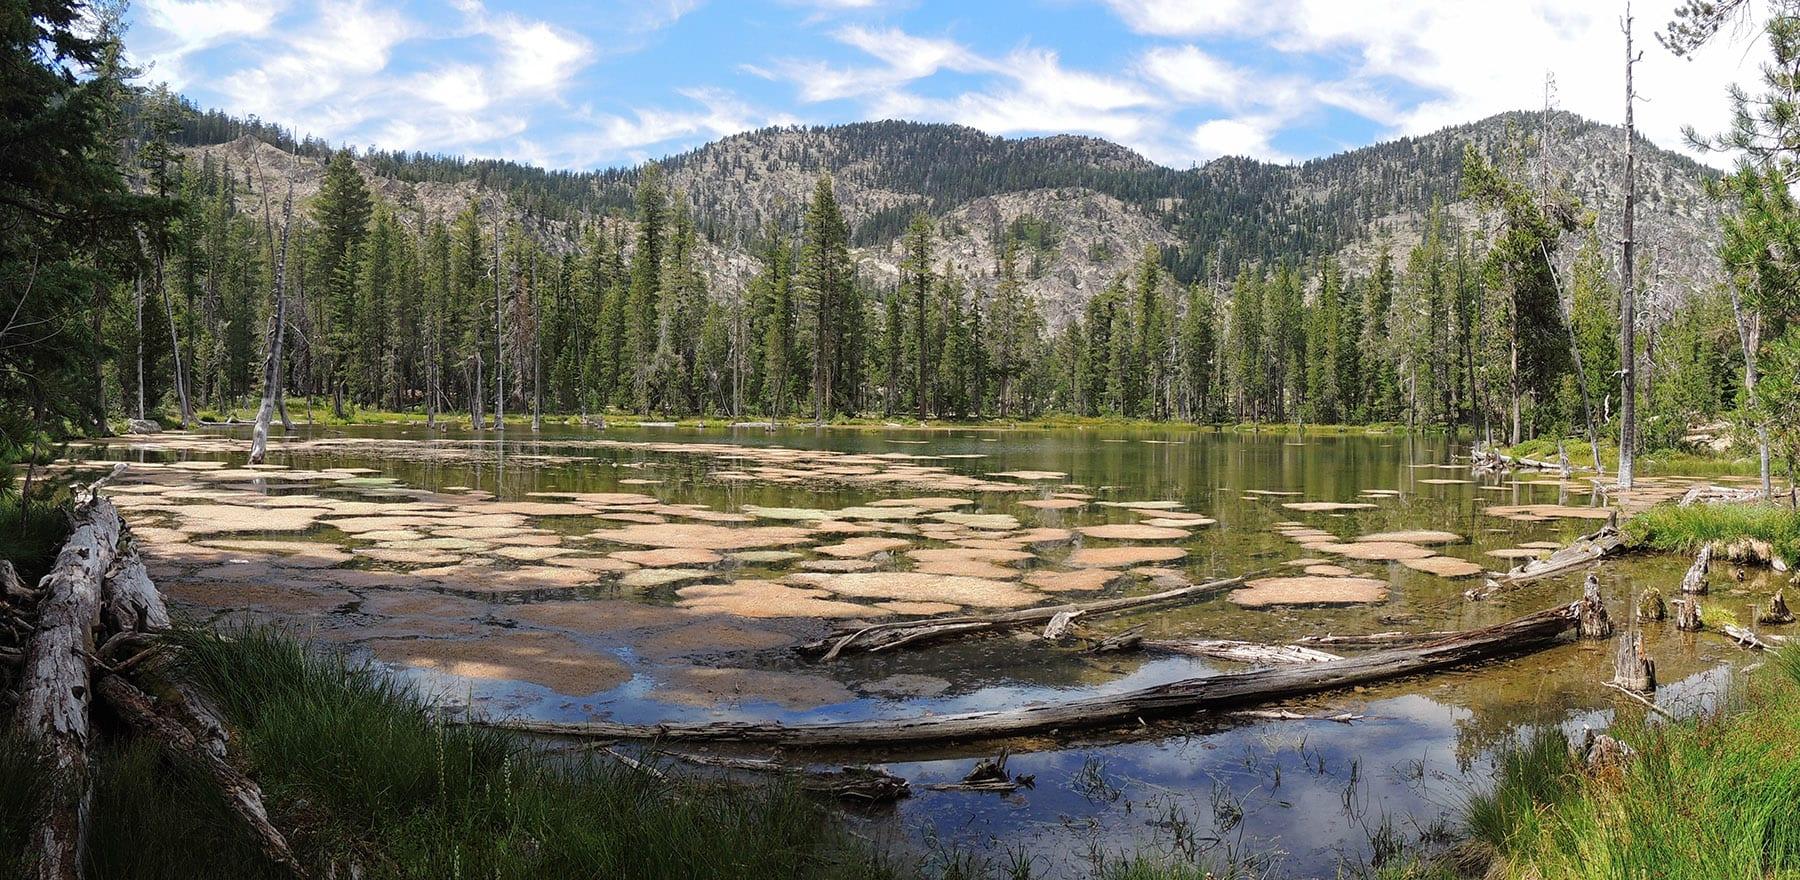 Caldwell Lake Hike: